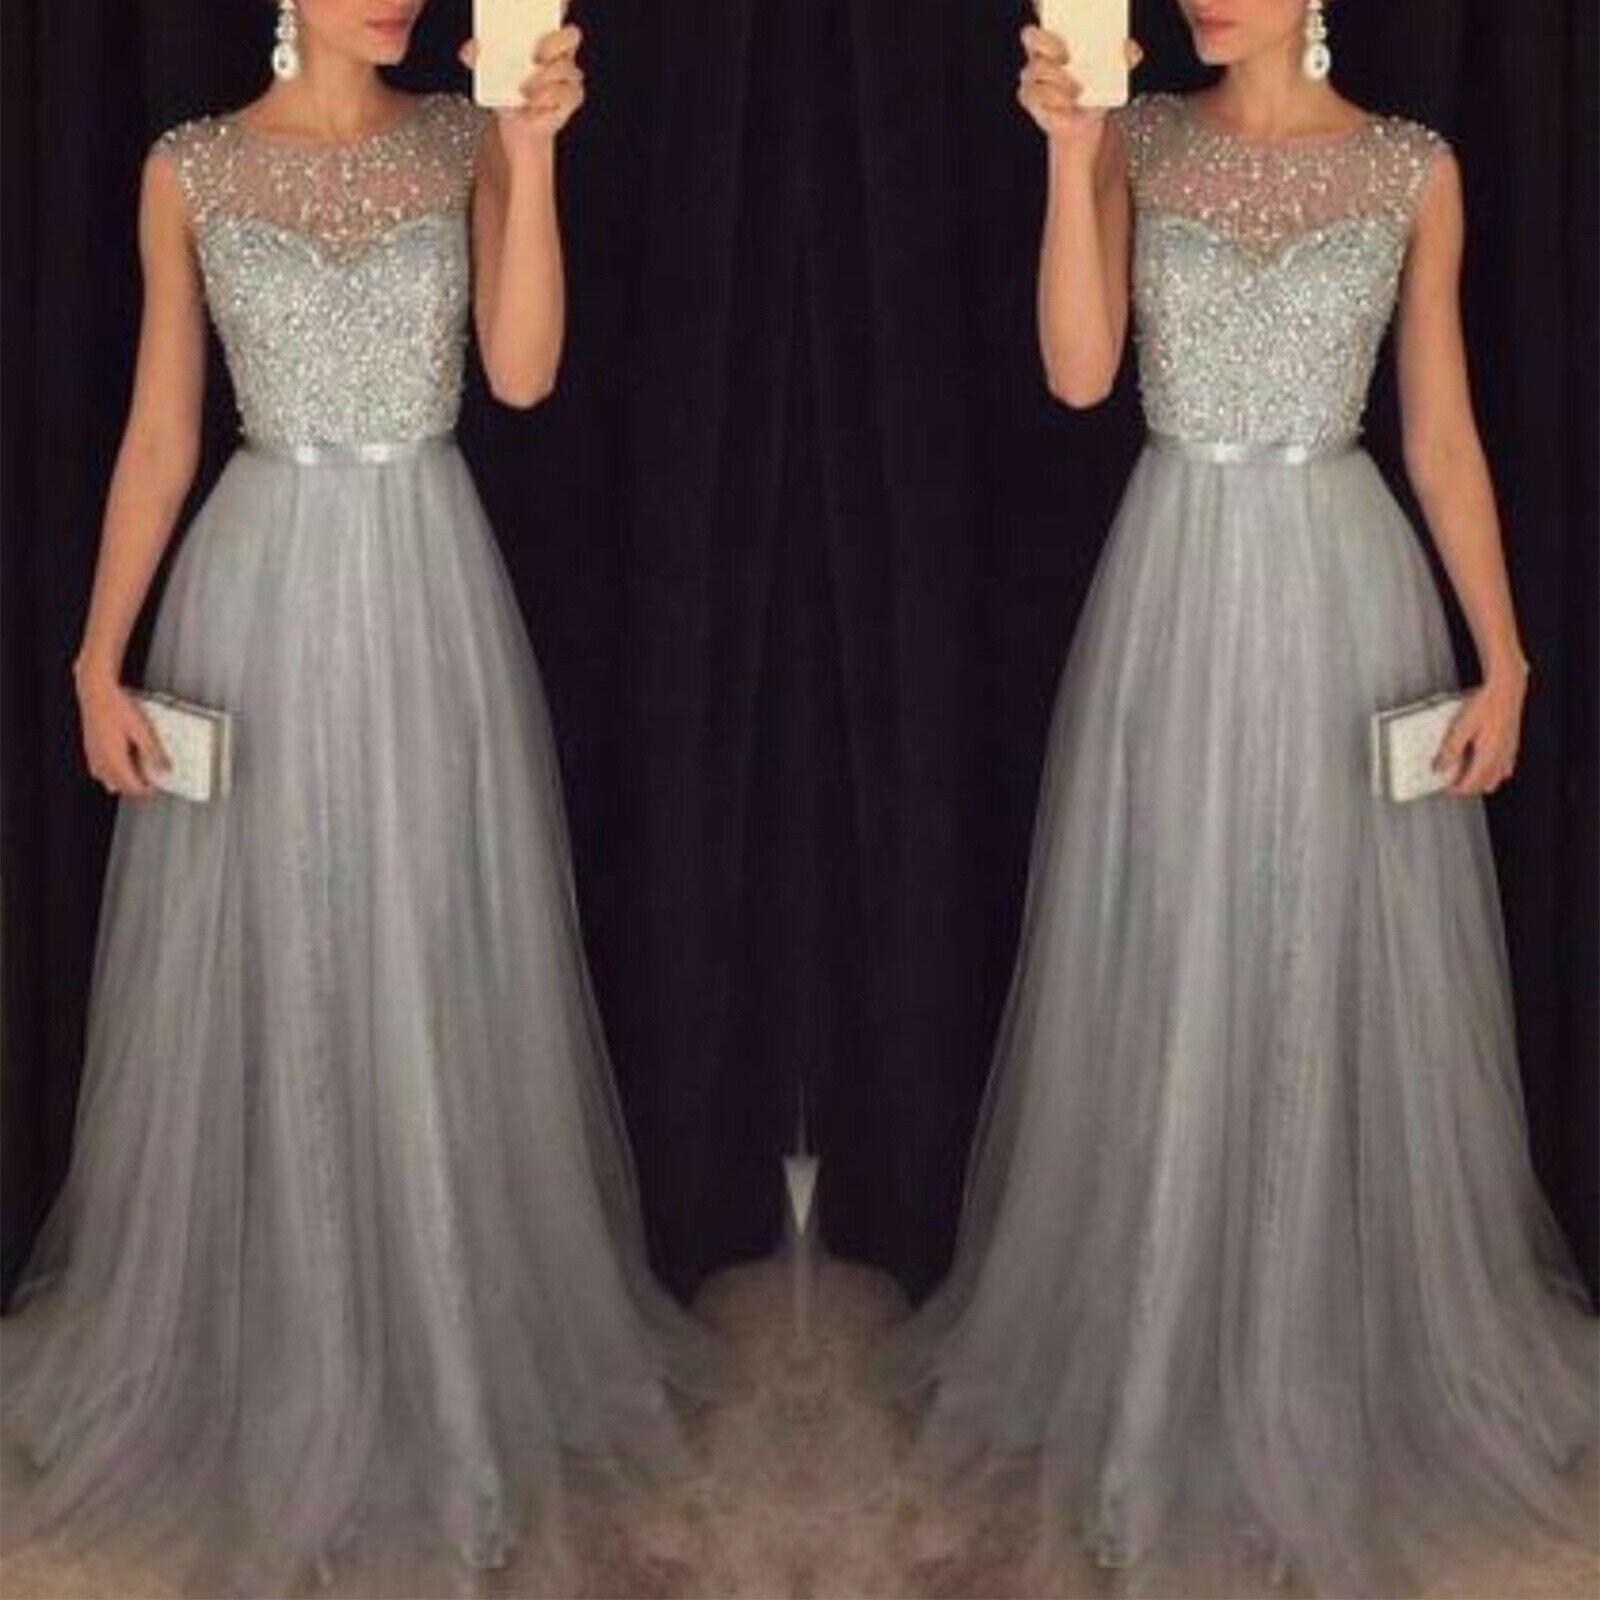 Damen Pailletten Abendkleid Brautjungfern Hochzeitkleid Ballkleid